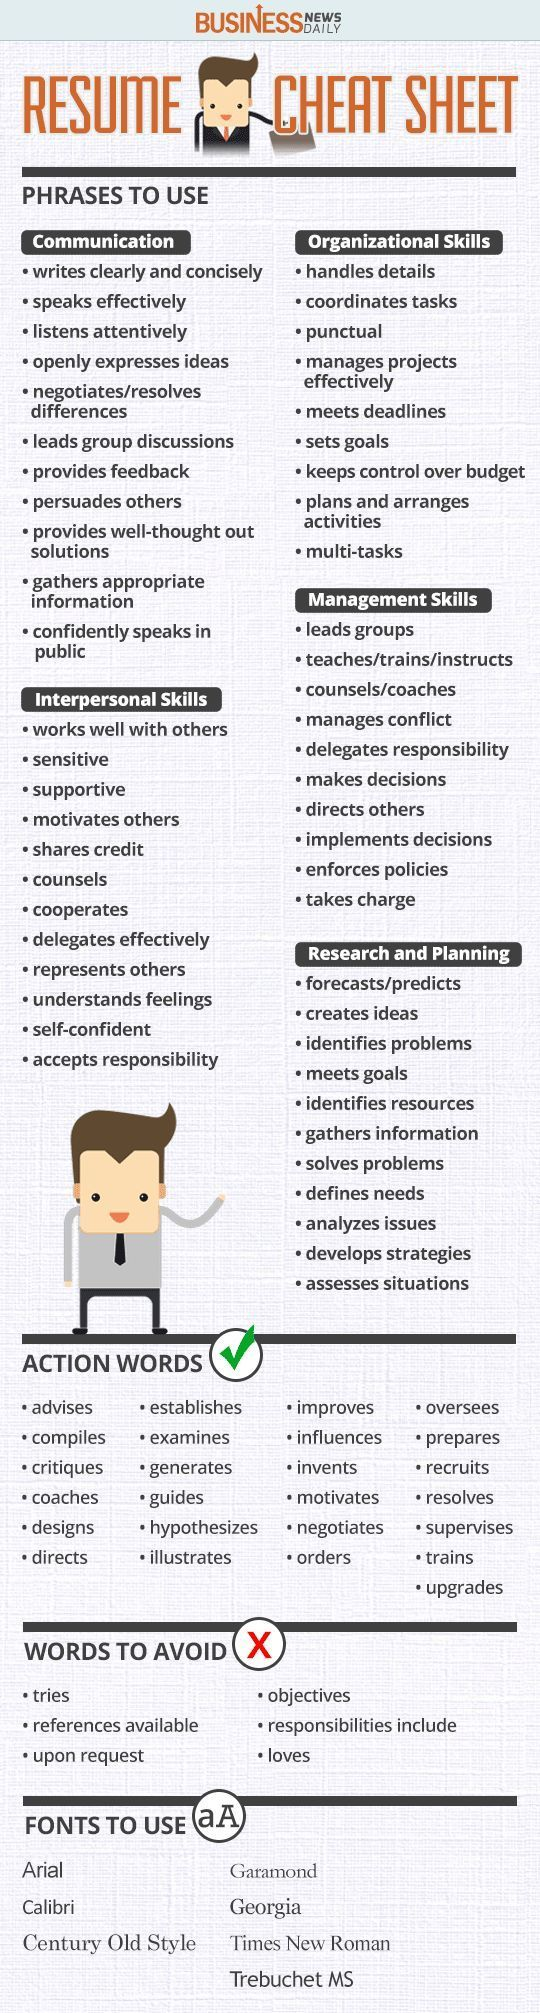 11 mejores imágenes sobre Job etc en Pinterest